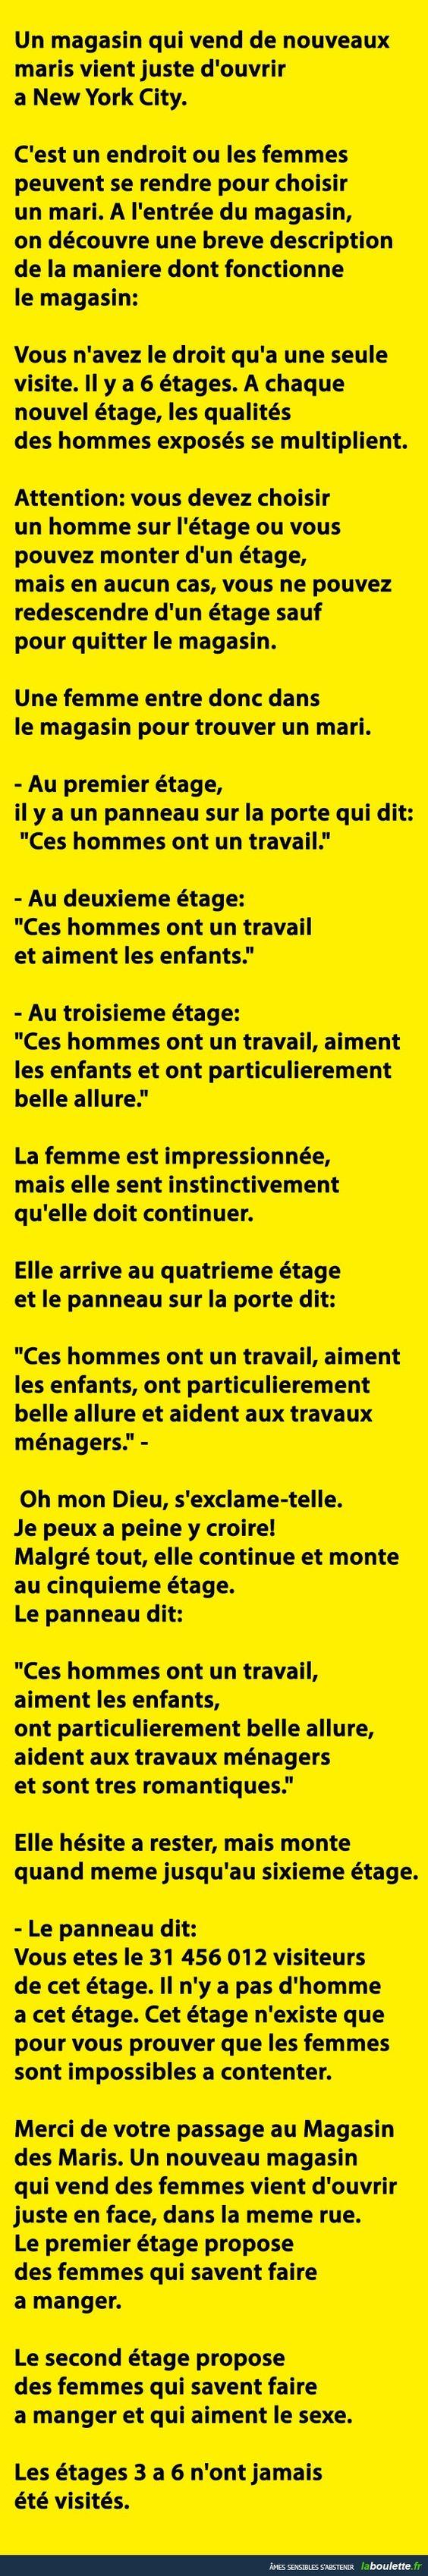 Les Petites Blagounettes bien Gentilles - Page 38 C959f3c06fe52972bd1f2693fa9560f9